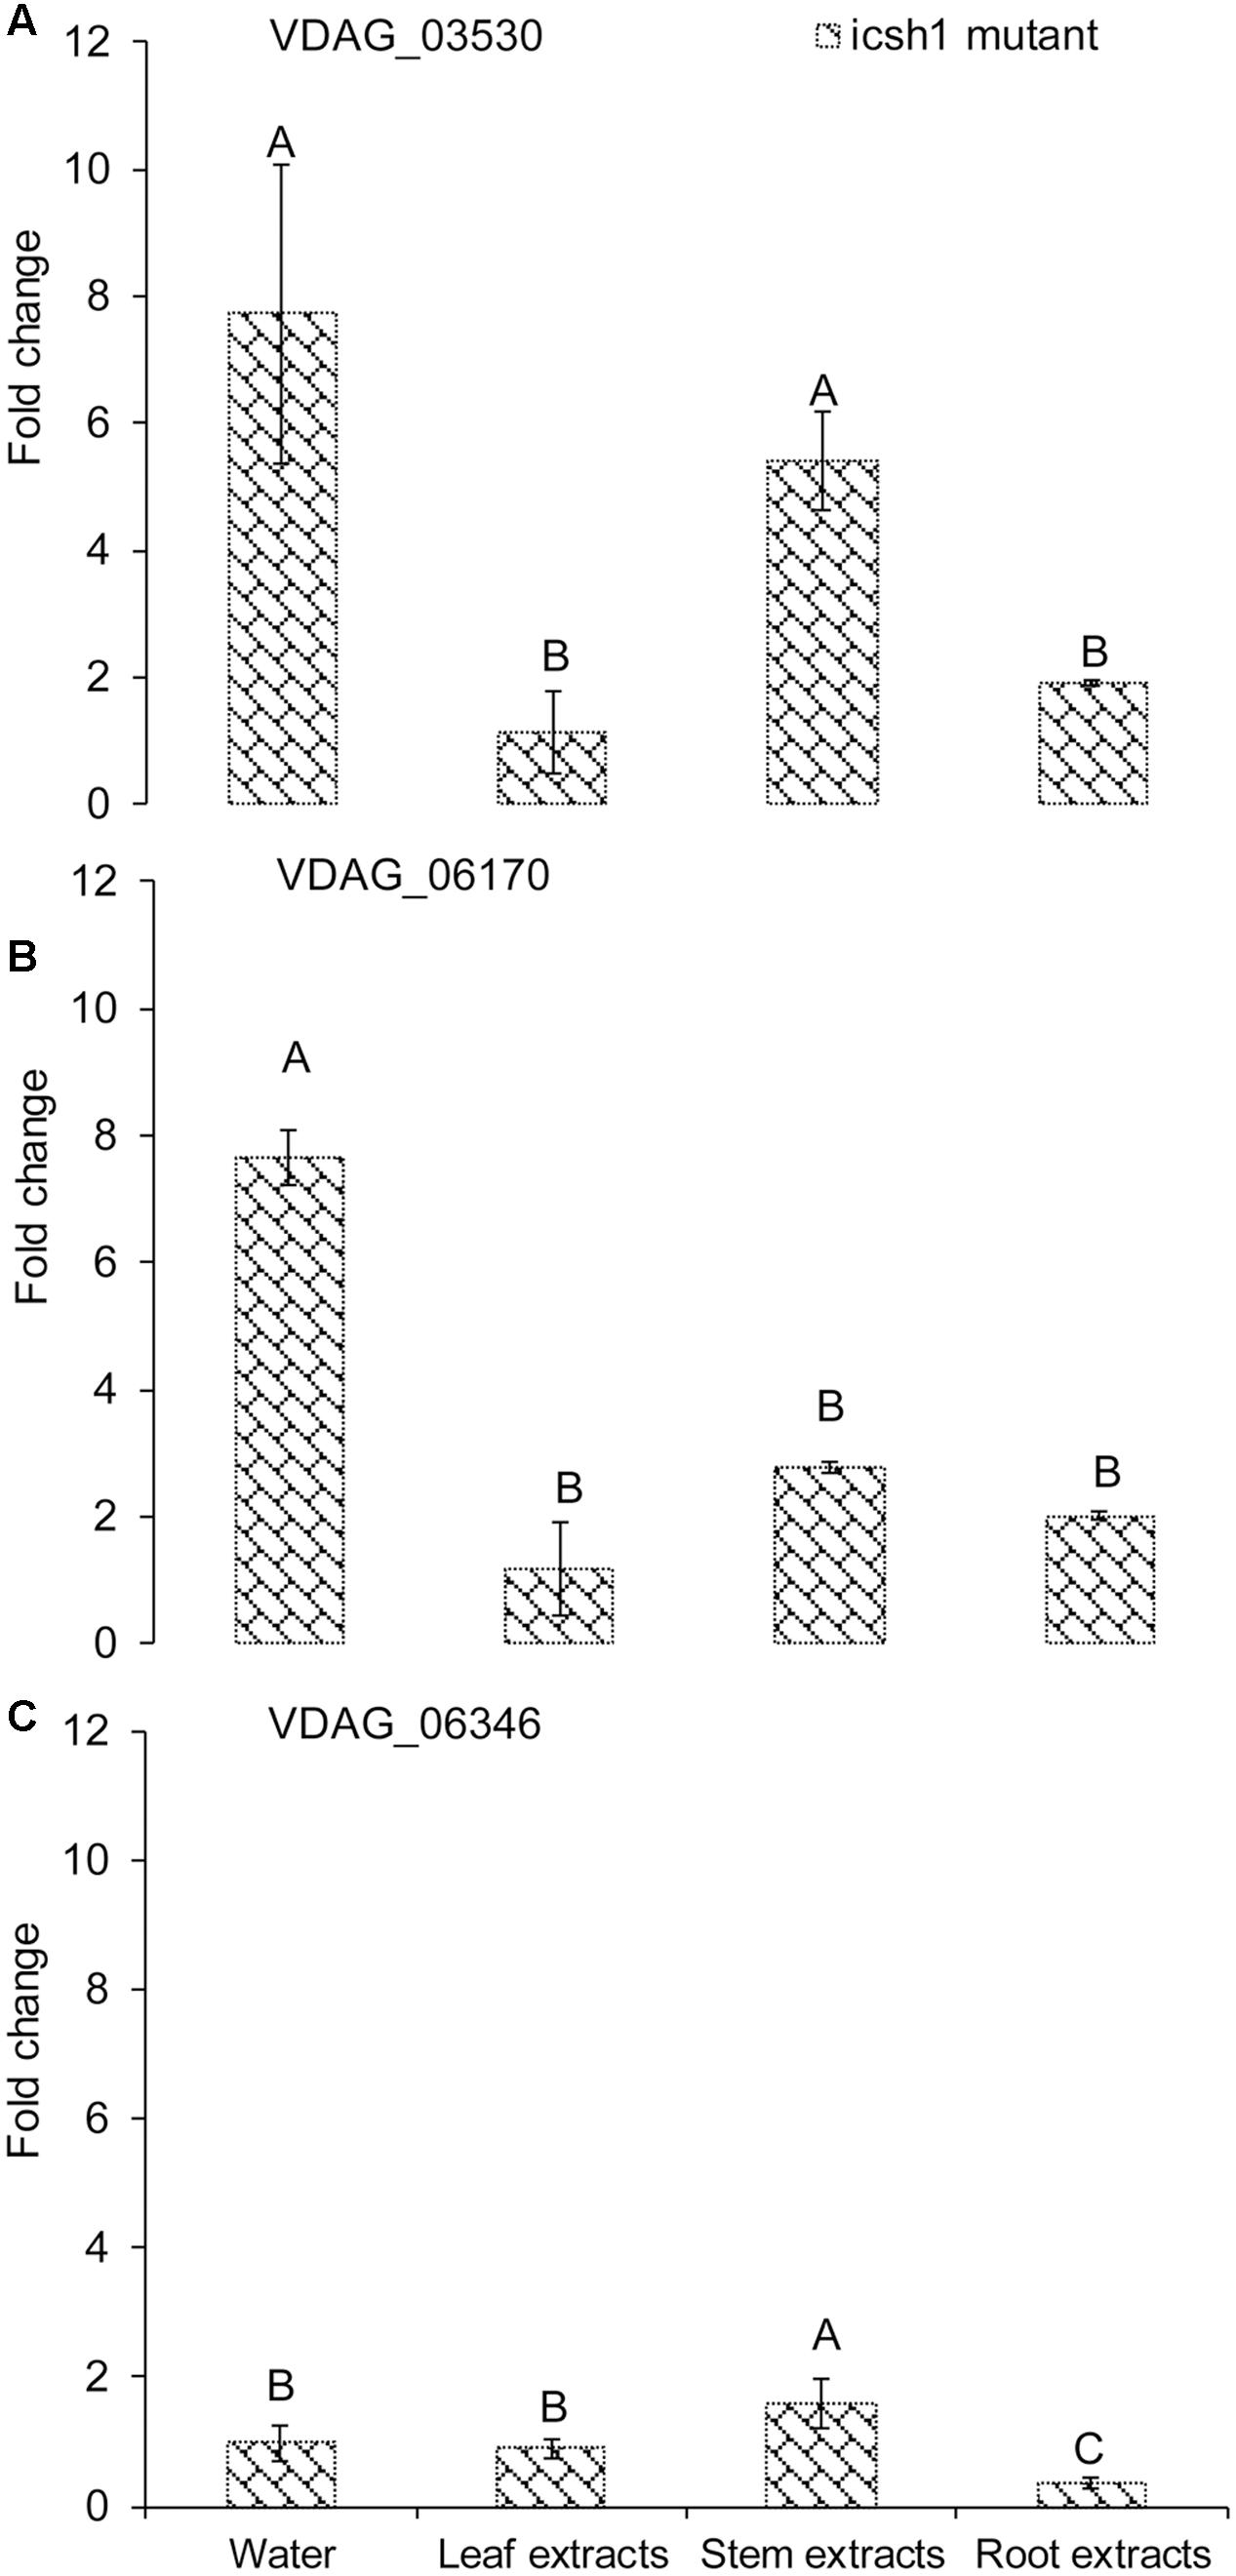 Frontiers   Verticillium dahliae's Isochorismatase Hydrolase Is a